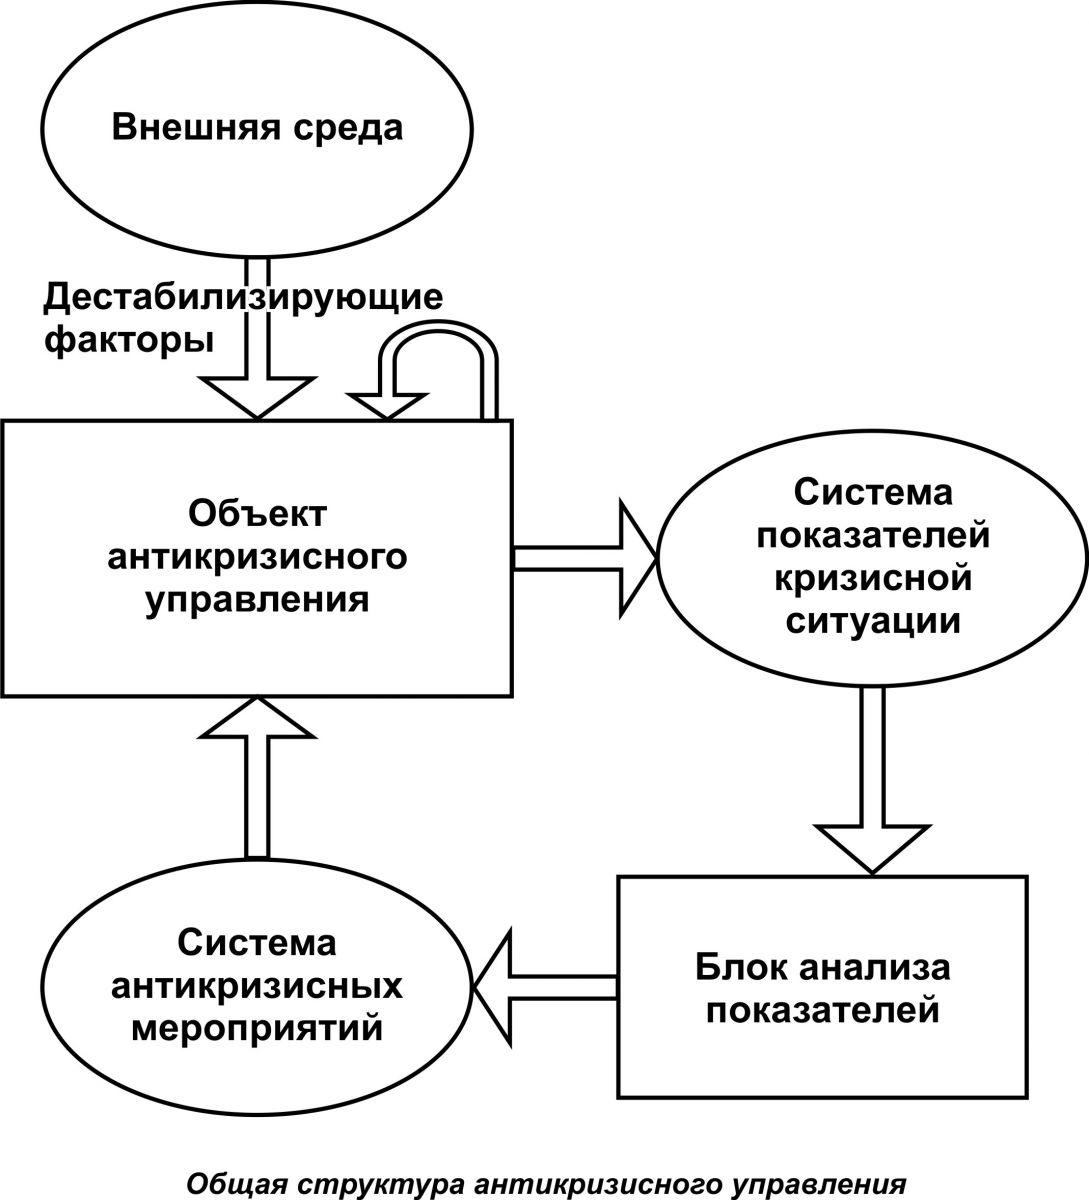 Решение задач по антикризисному управлению предприятием купить категорию а без экзаменов